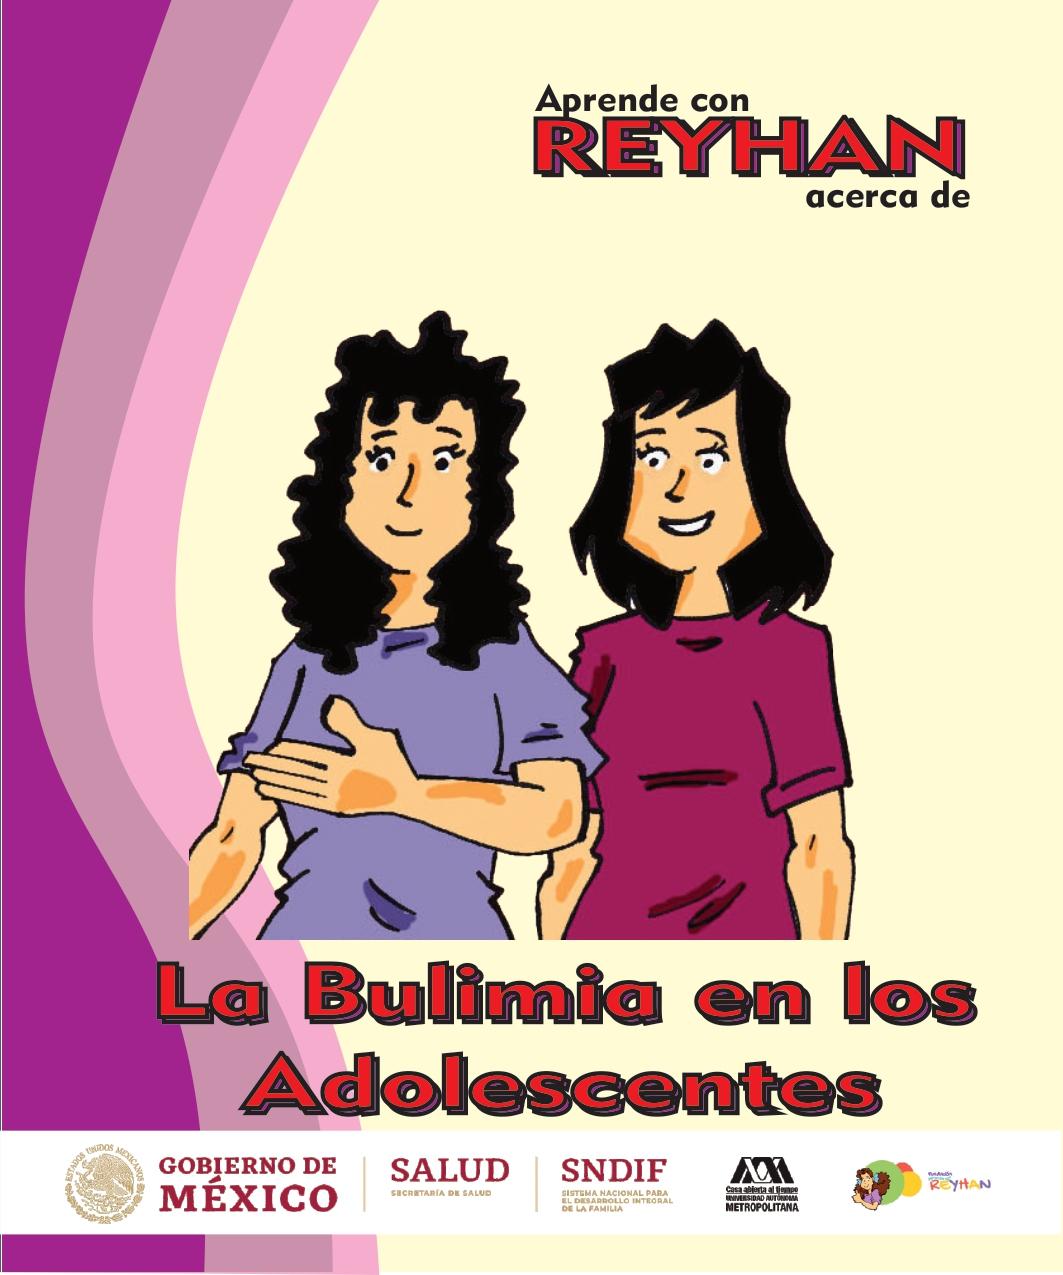 Bulimia Adolescentes digital_page-0001